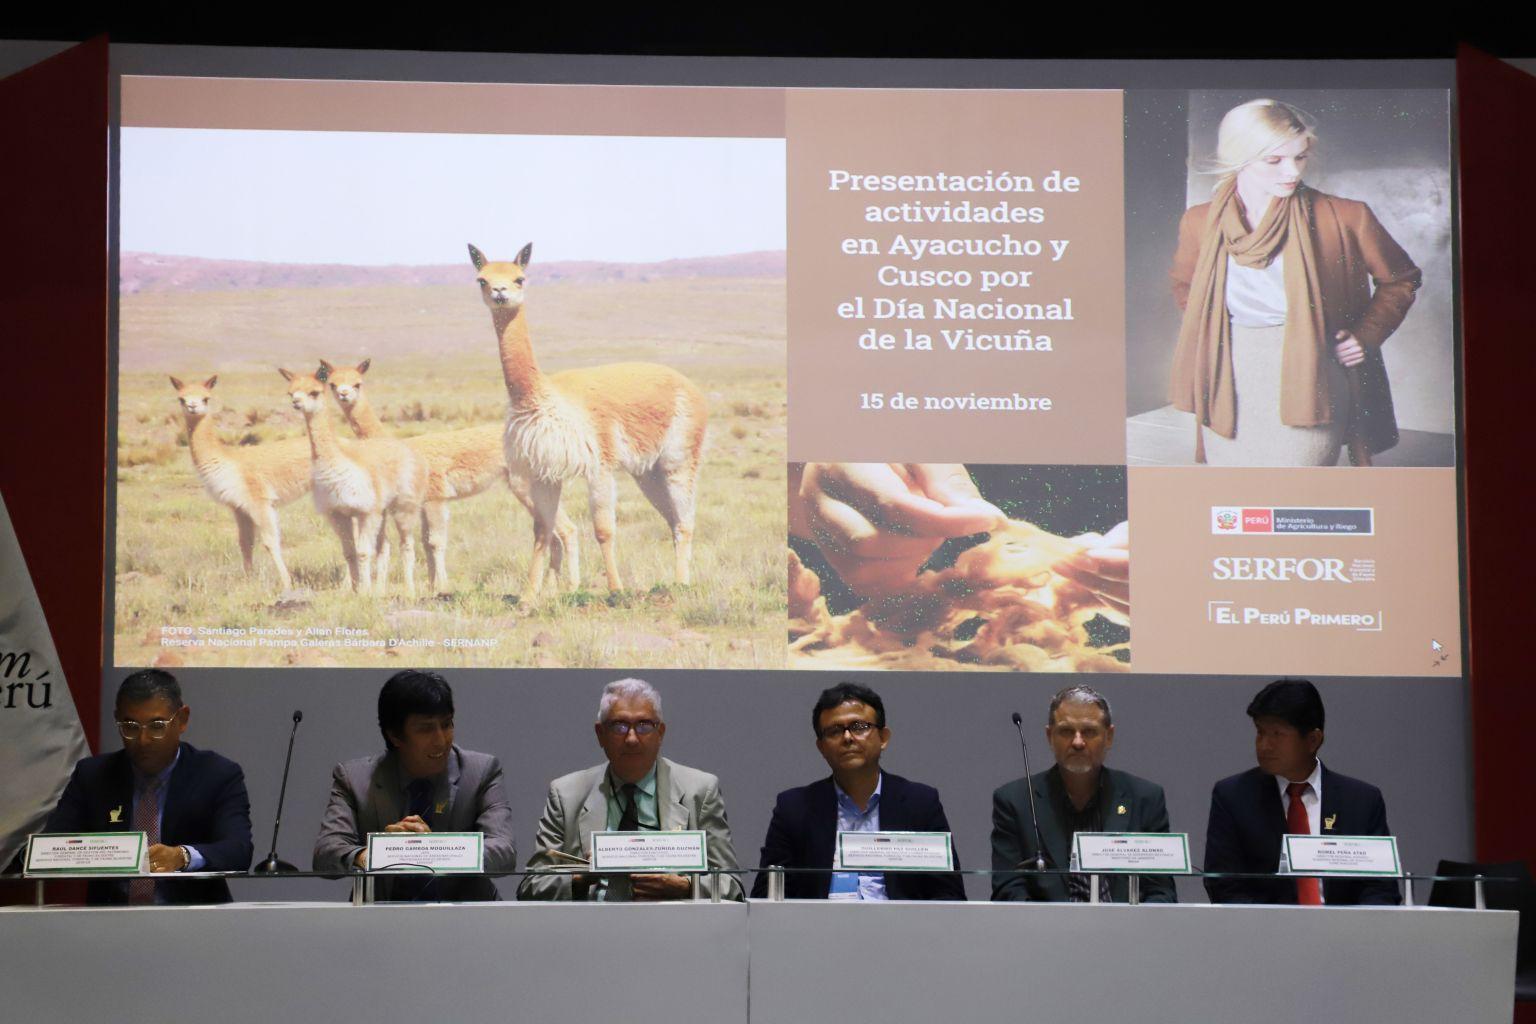 Preparan el I Foro Nacional de Vicuña en Ayacucho - INFOREGION